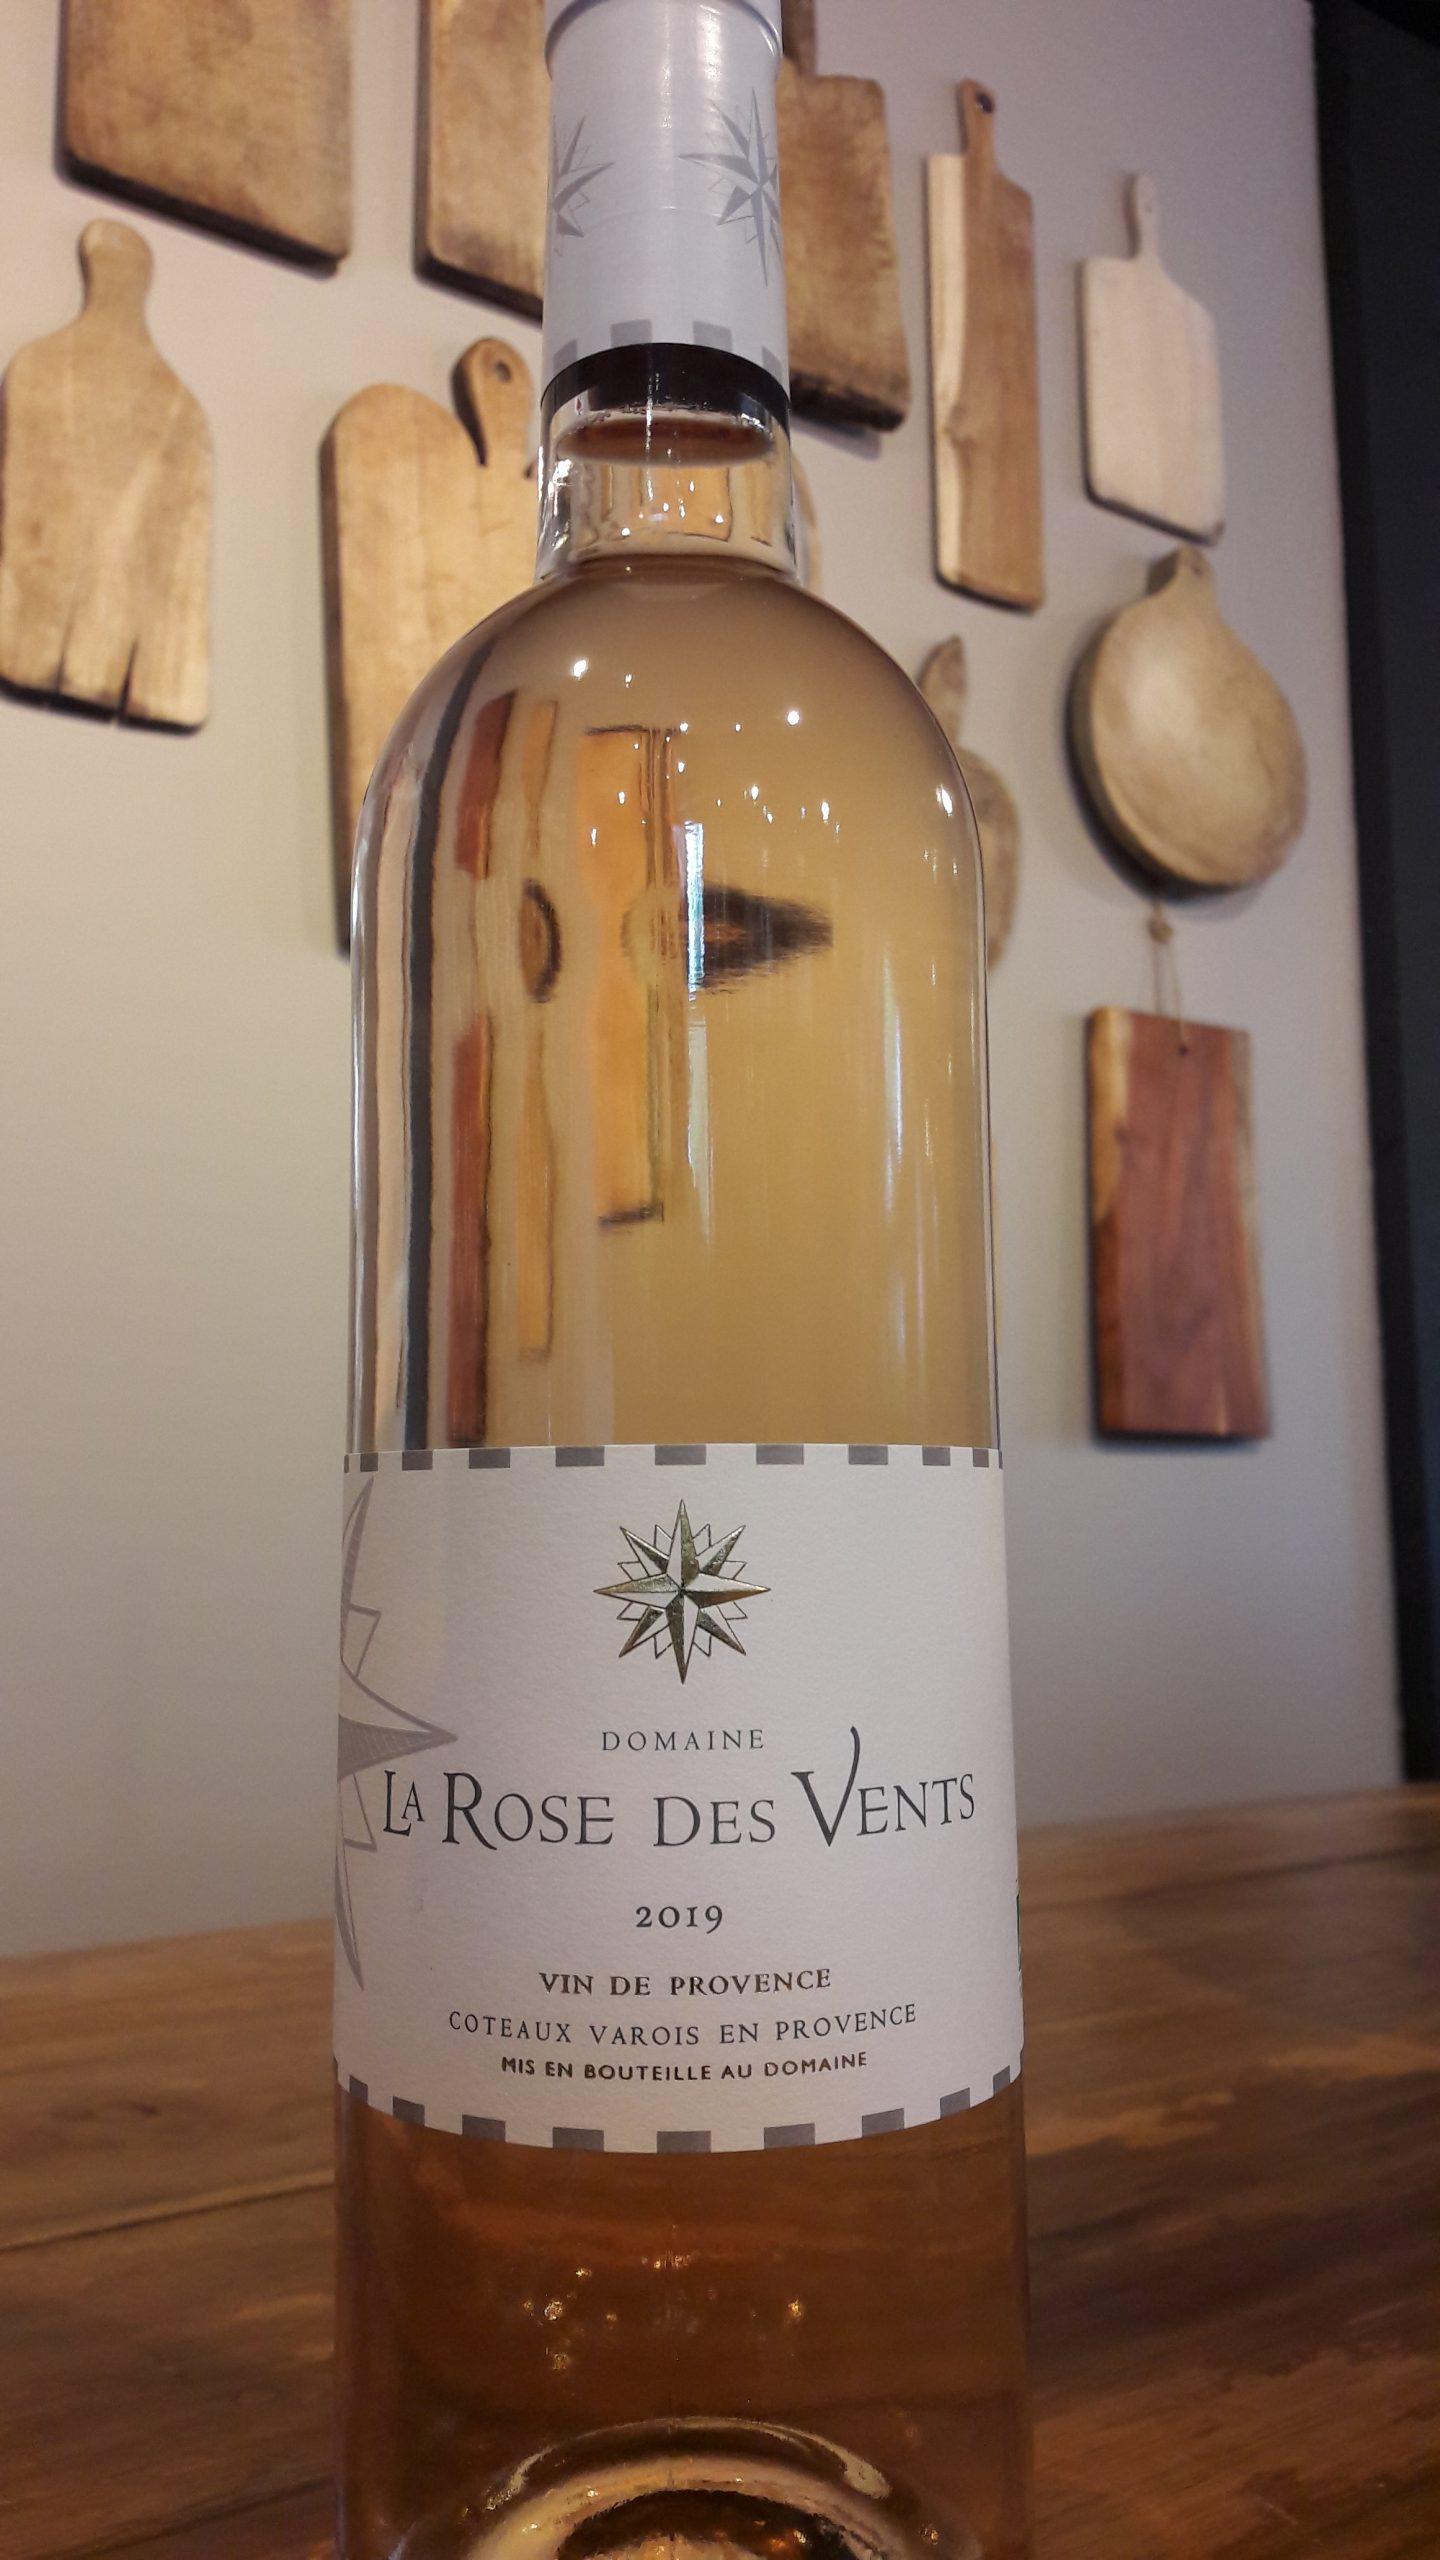 1 bouteille de vin rosé de provence